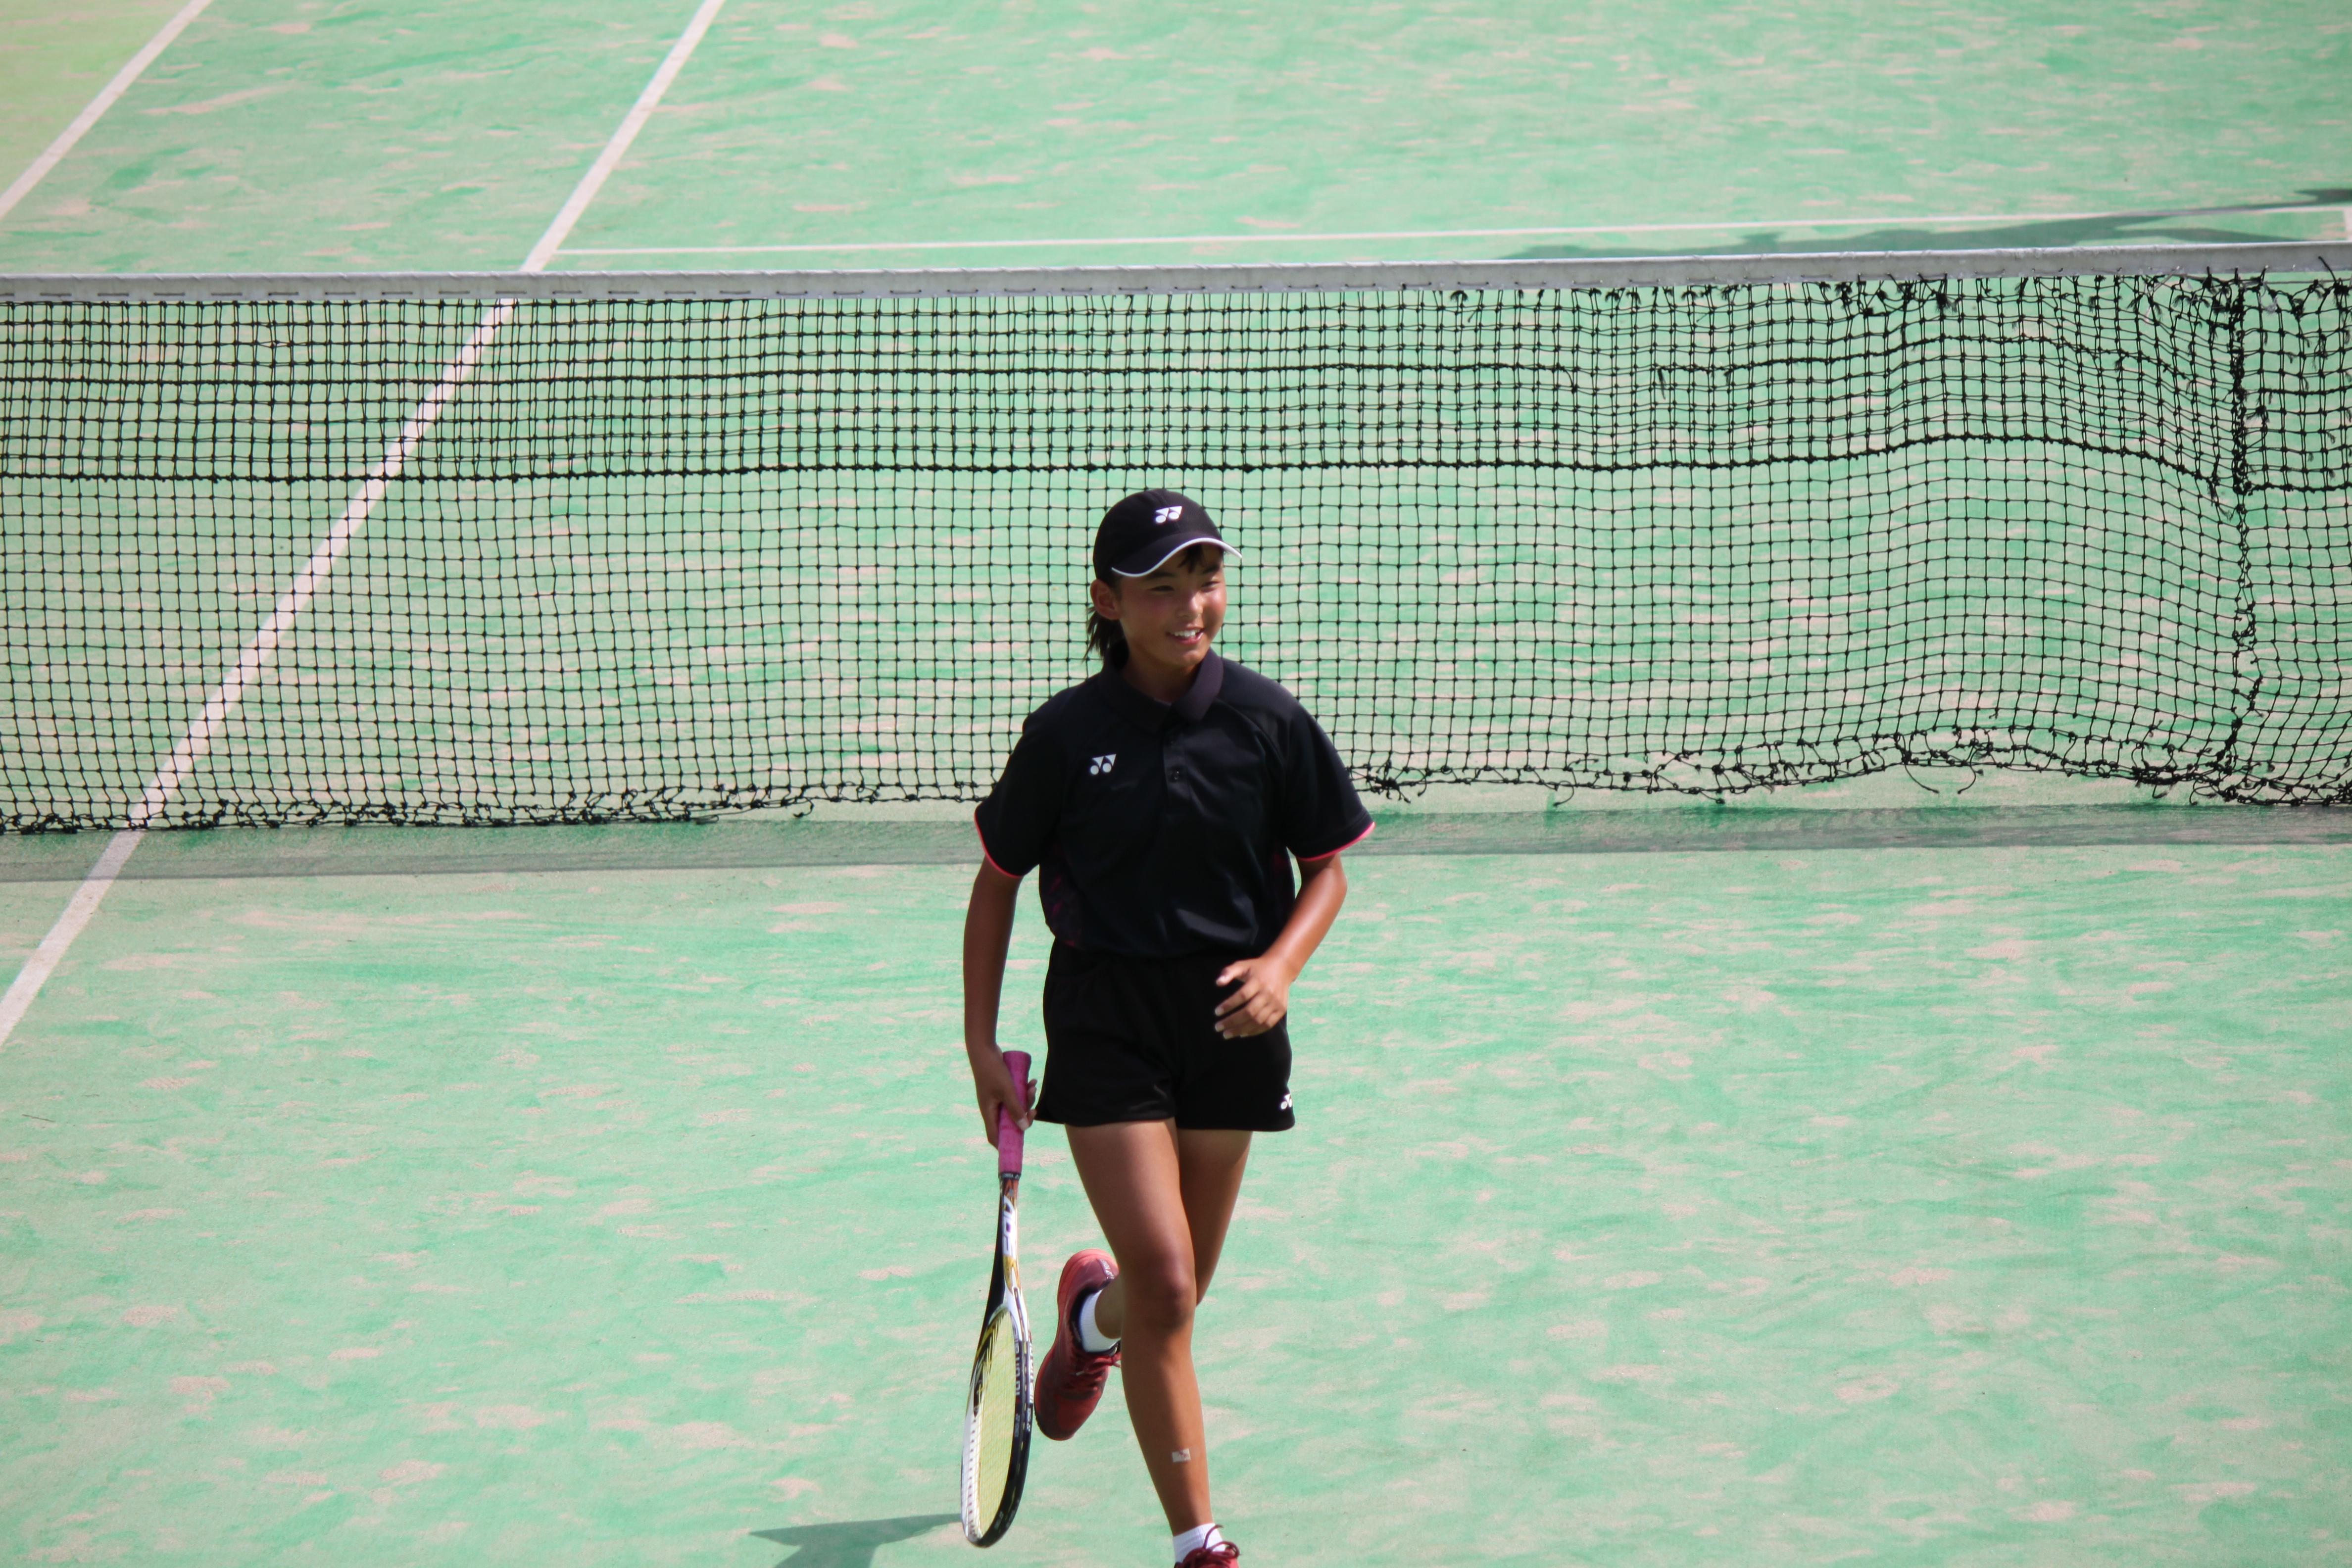 ソフトテニス(200)